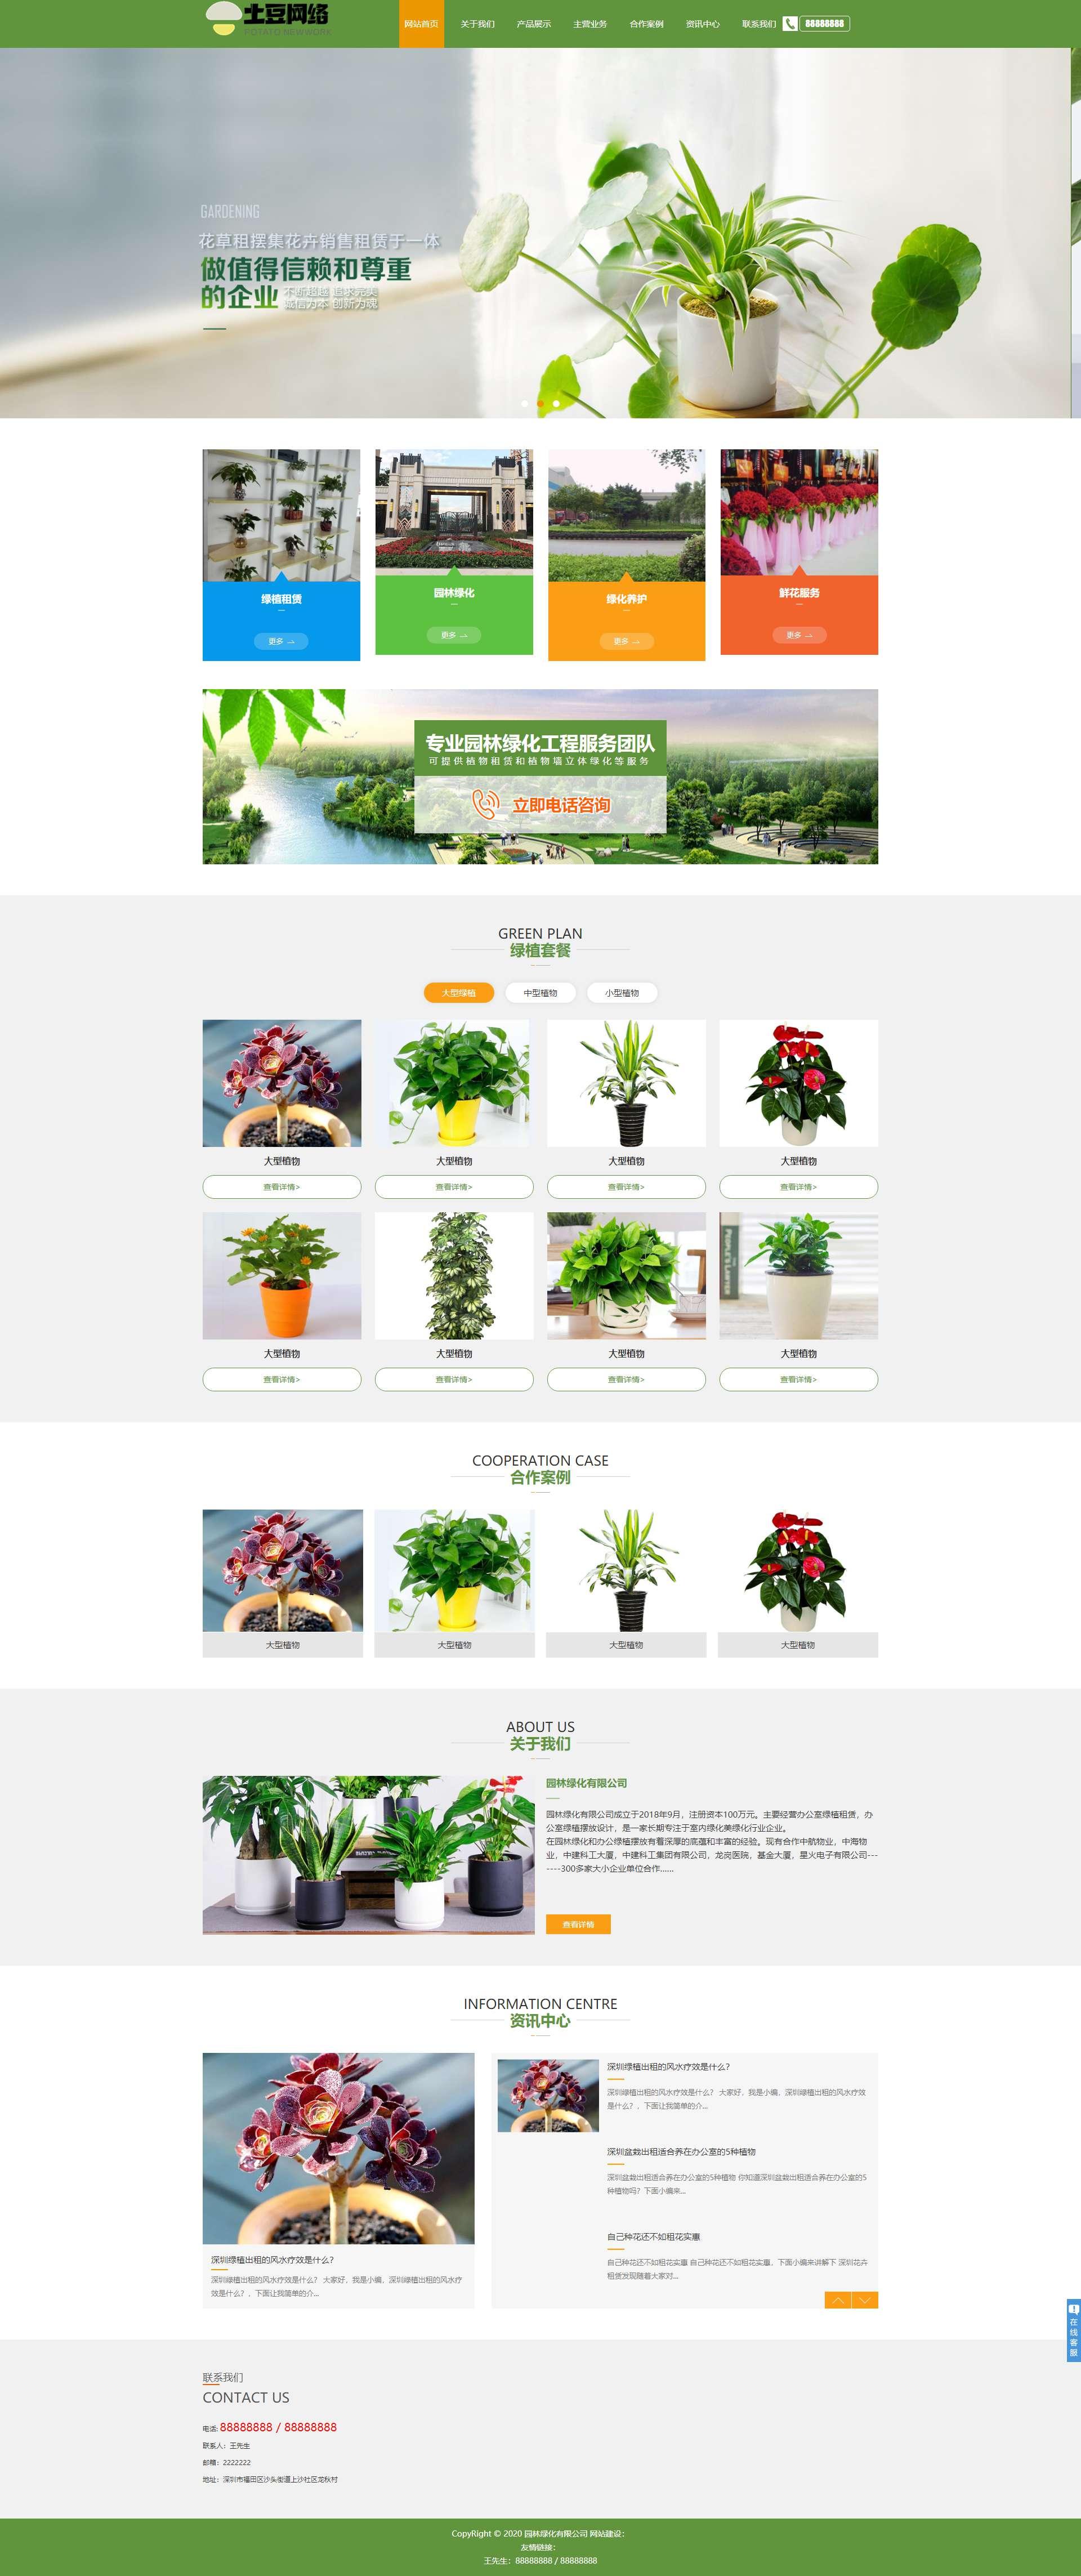 园林绿化公司网站建设模板(响应式)